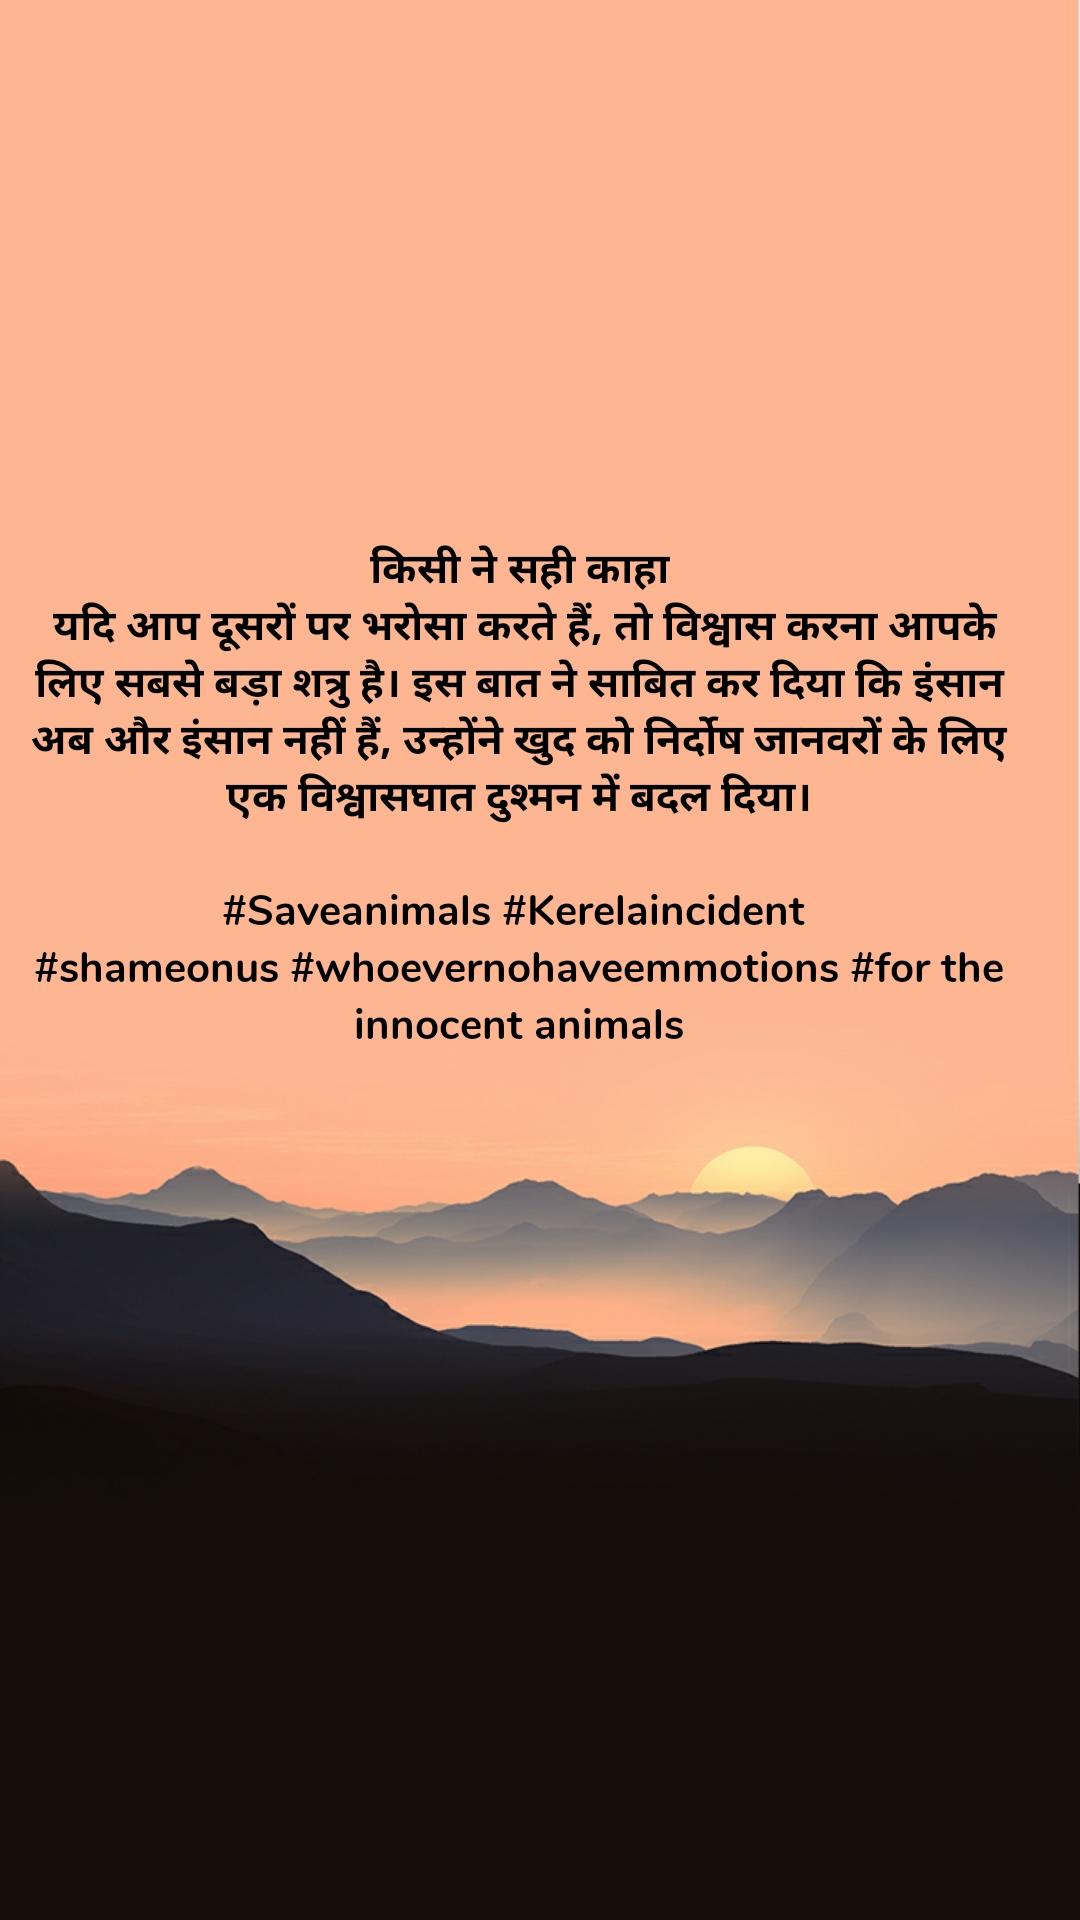 किसी ने सही काहा  यदि आप दूसरों पर भरोसा करते हैं, तो विश्वास करना आपके लिए सबसे बड़ा शत्रु है। इस बात ने साबित कर दिया कि इंसान अब और इंसान नहीं हैं, उन्होंने खुद को निर्दोष जानवरों के लिए एक विश्वासघात दुश्मन में बदल दिया।  #Saveanimals #Kerelaincident  #shameonus #whoevernohaveemmotions #for the innocent animals